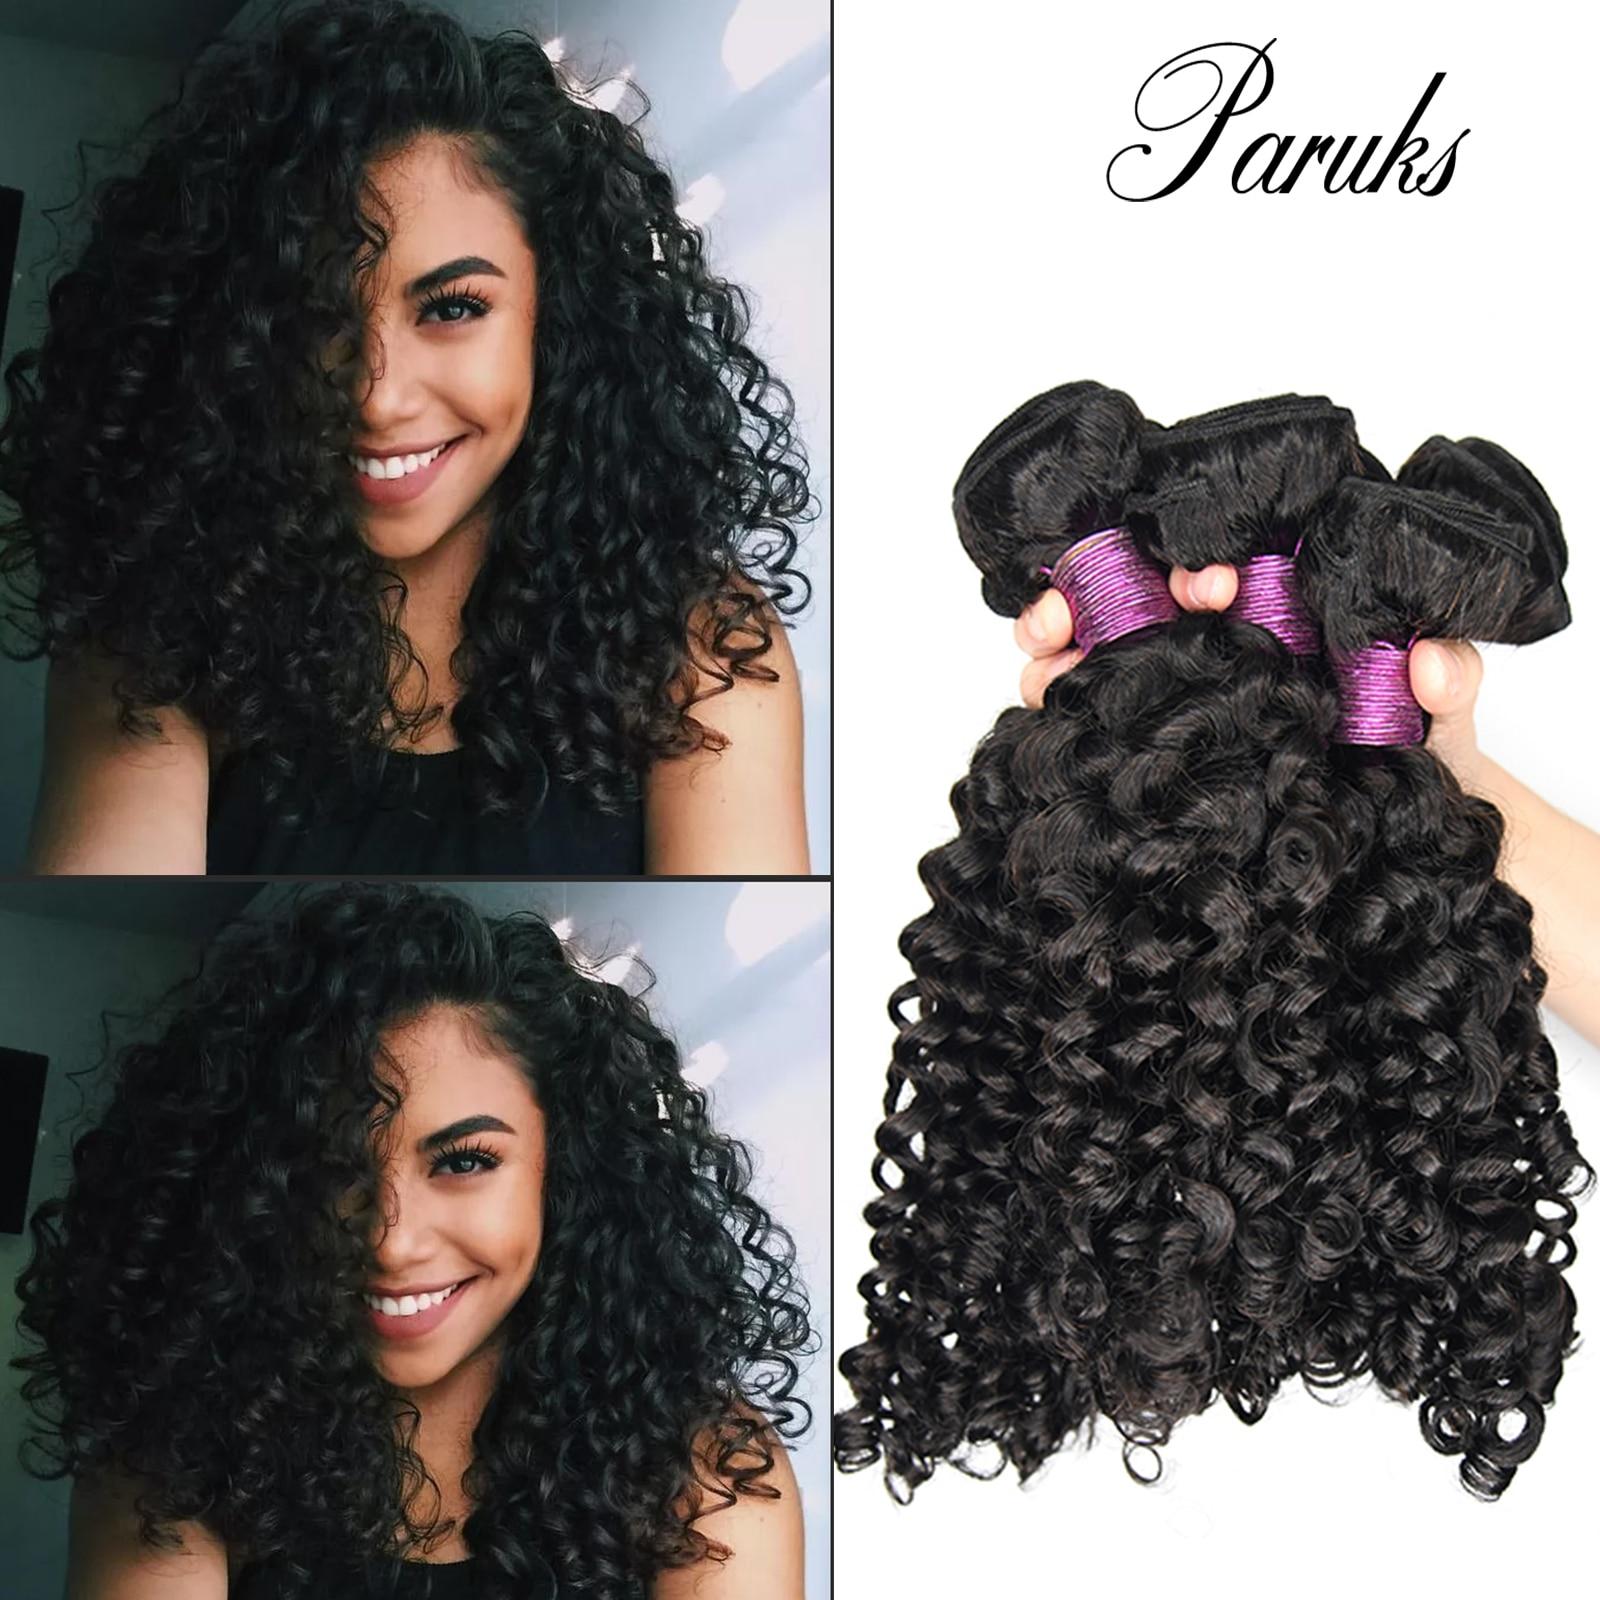 Paruks в итальянском стиле волнистые волосы бразильские виргинские волосы переплетения пряди 100% необработанные человеческие волосы Волосы ...